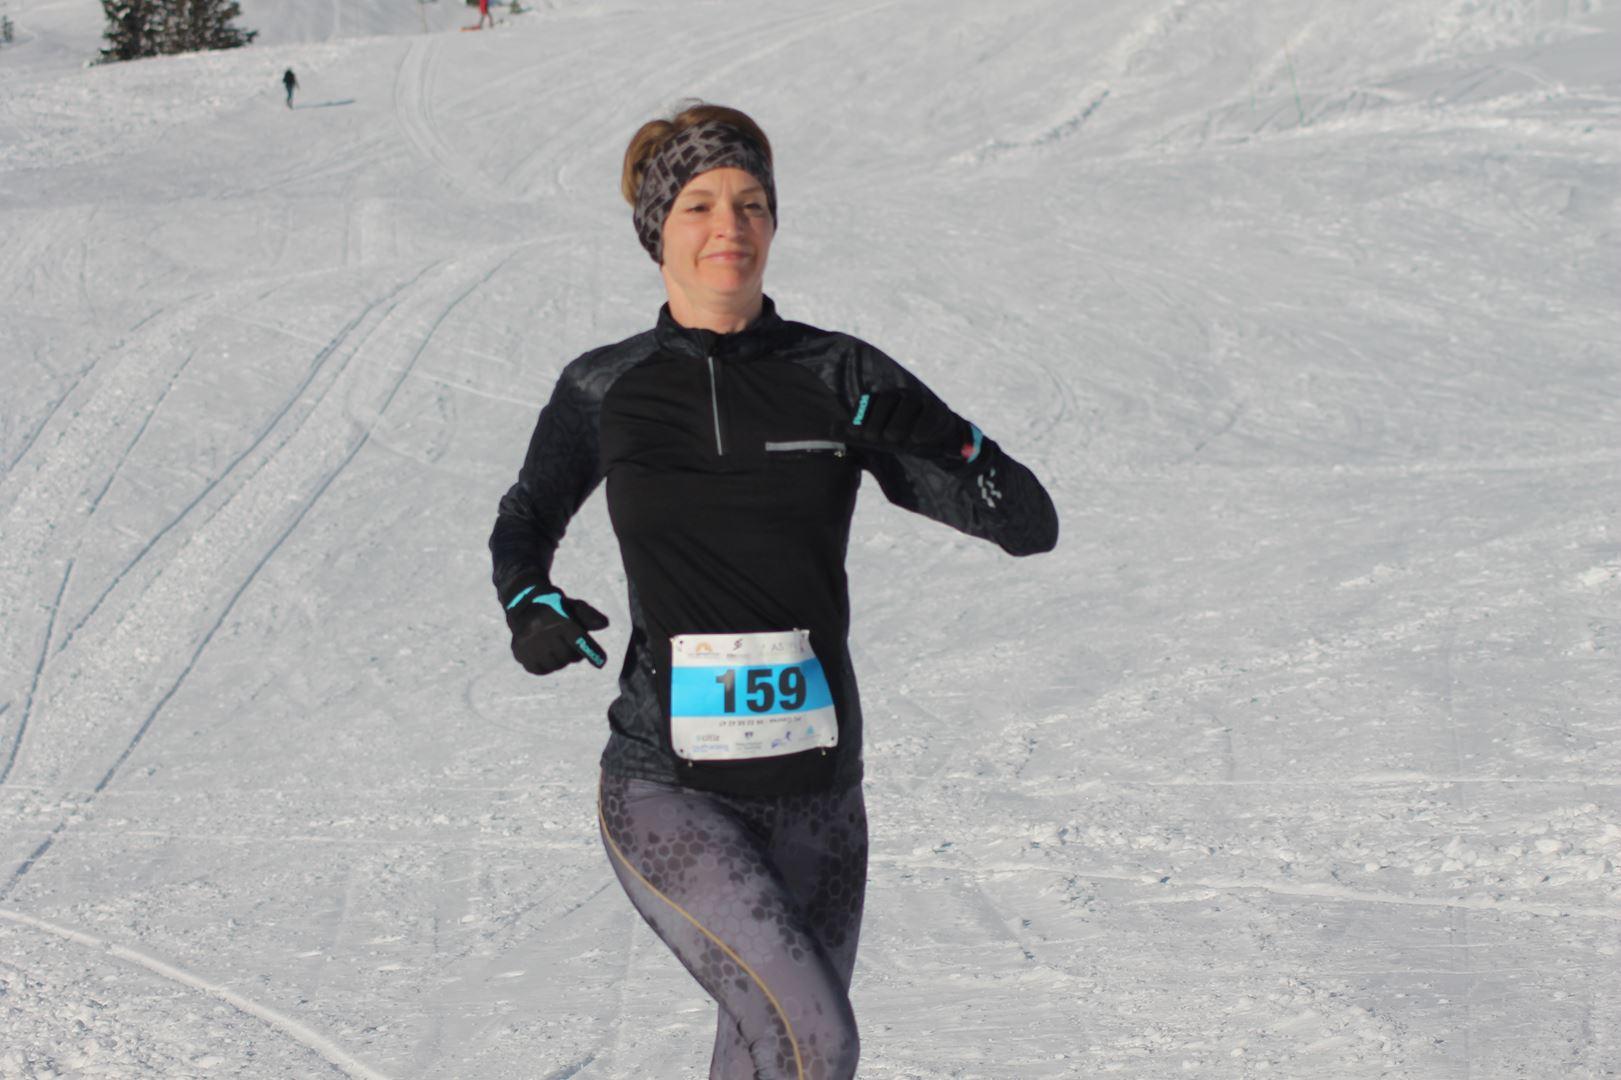 Peggy Munier 2ème femme du 8km - WITT: RESULTATS, PHOTOS ET COMPTE RENDU DU TRAIL BLANC DE CHAMROUSSE 01-04-2018